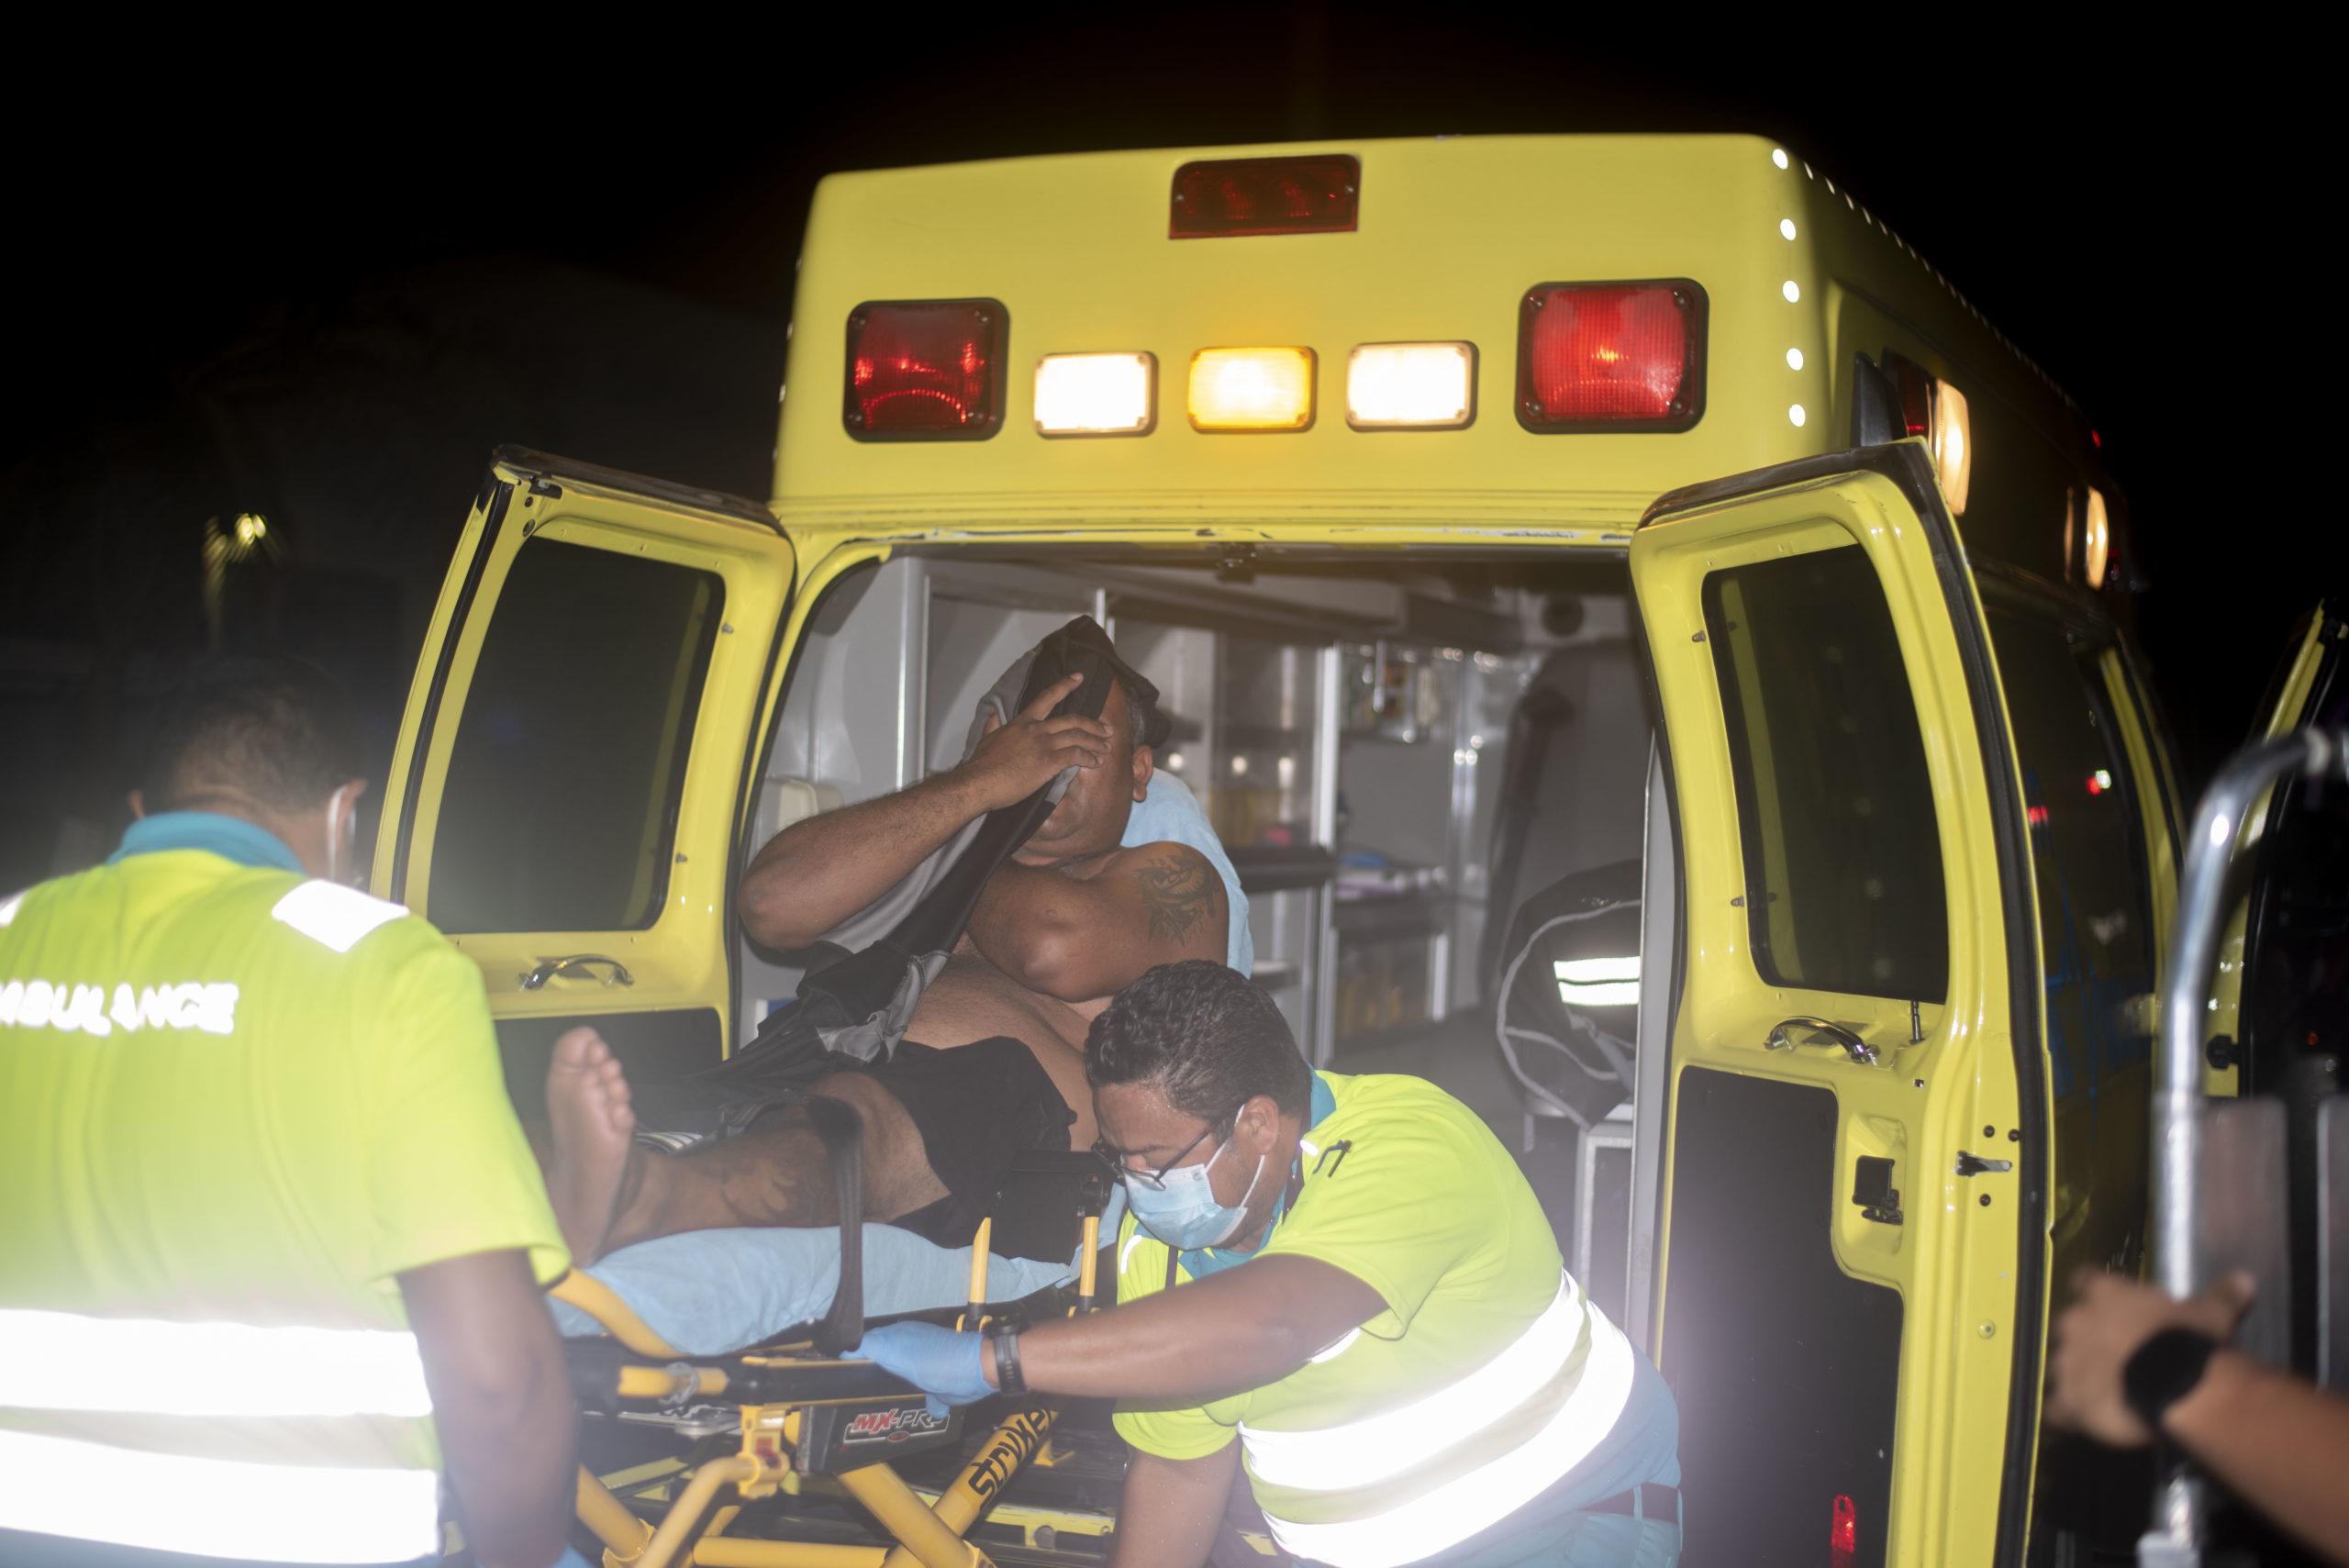 Ambulance a scapa chauffeur di bay cera